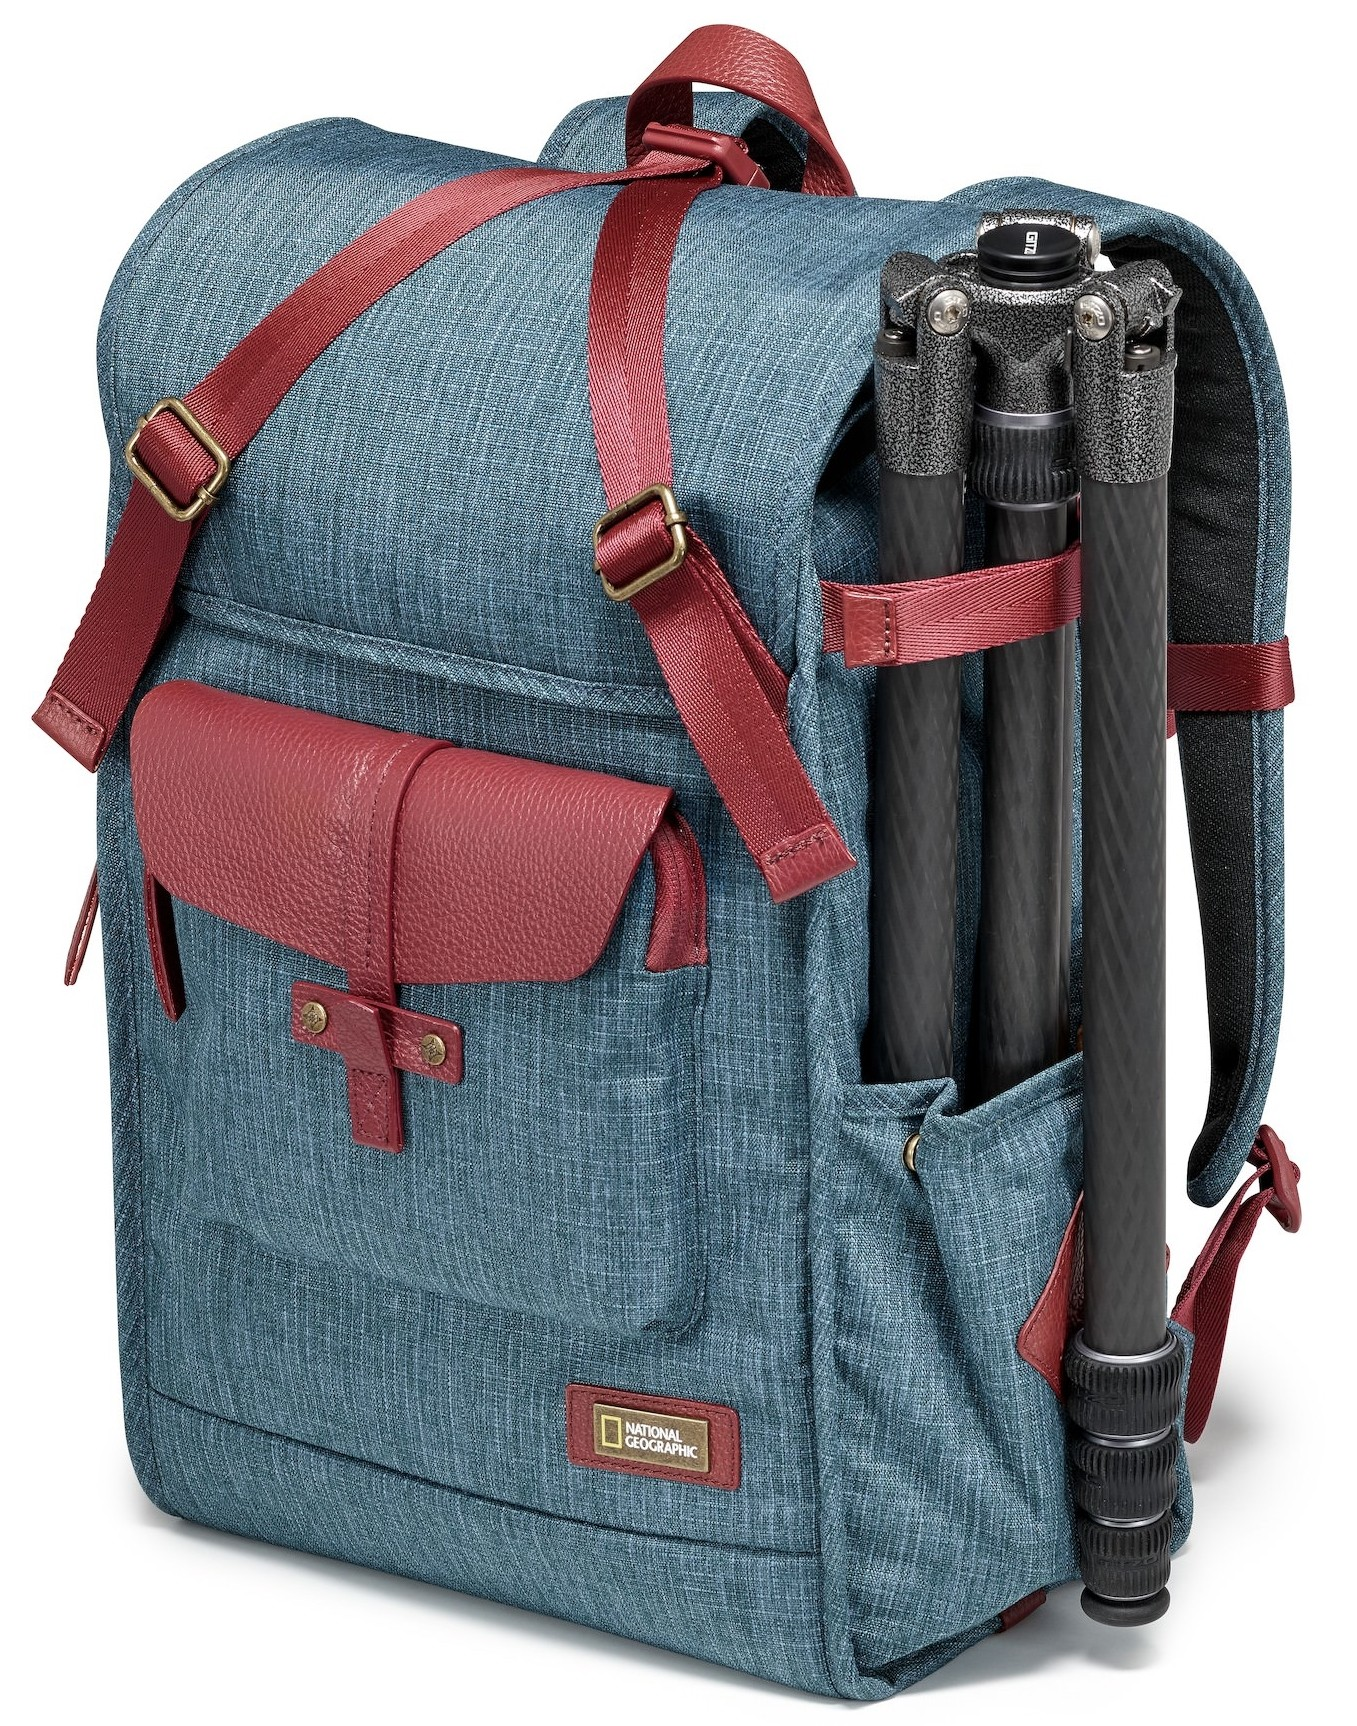 7ce9d3c2f94d National Geographic NG AU 5350 – купить сумку для камеры, сравнение цен  интернет-магазинов: фото, характеристики, описание | E-Katalog